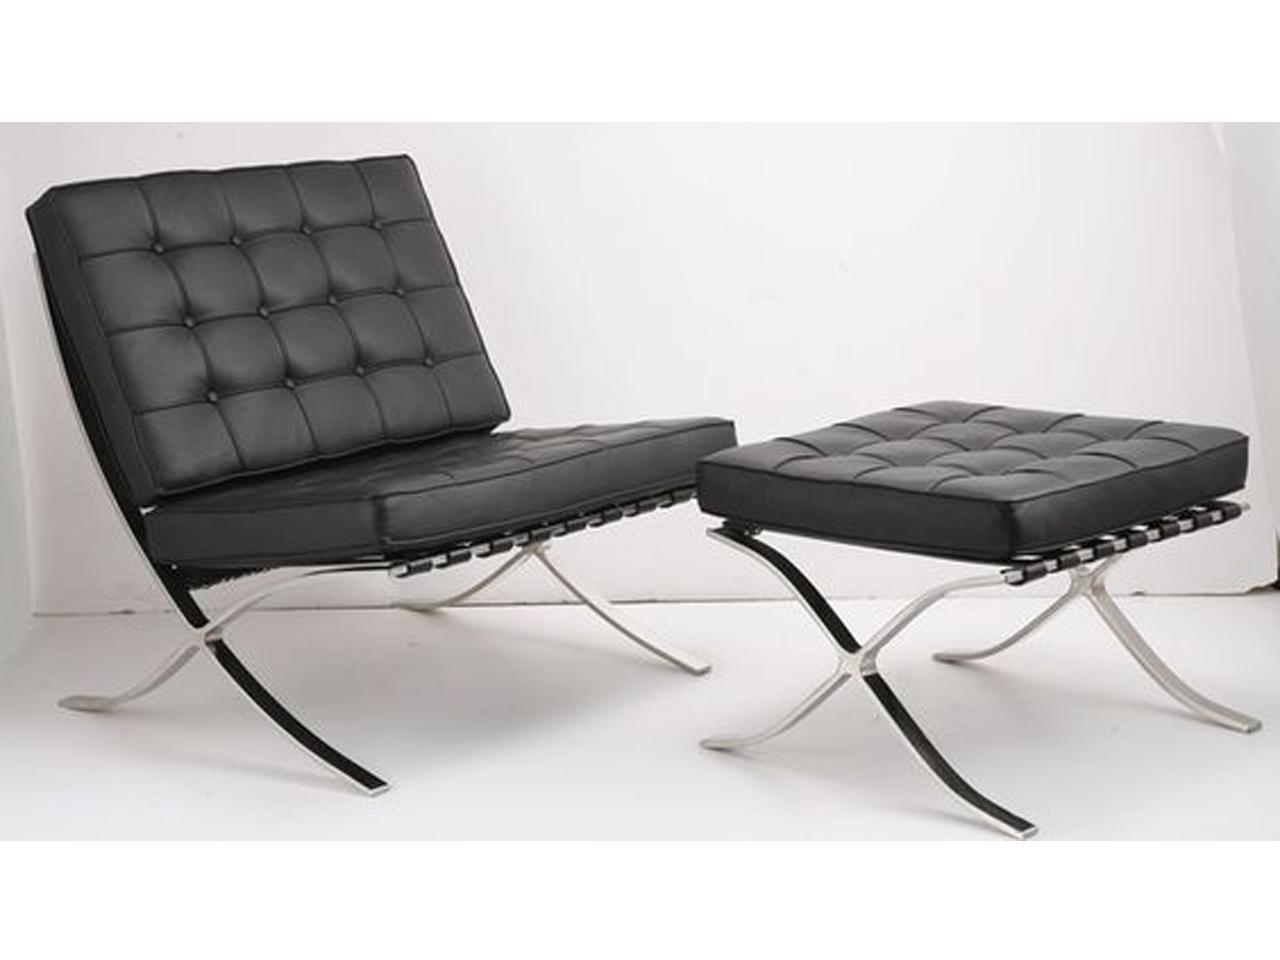 los 23 dise os de la bauhaus m s emblem ticos. Black Bedroom Furniture Sets. Home Design Ideas